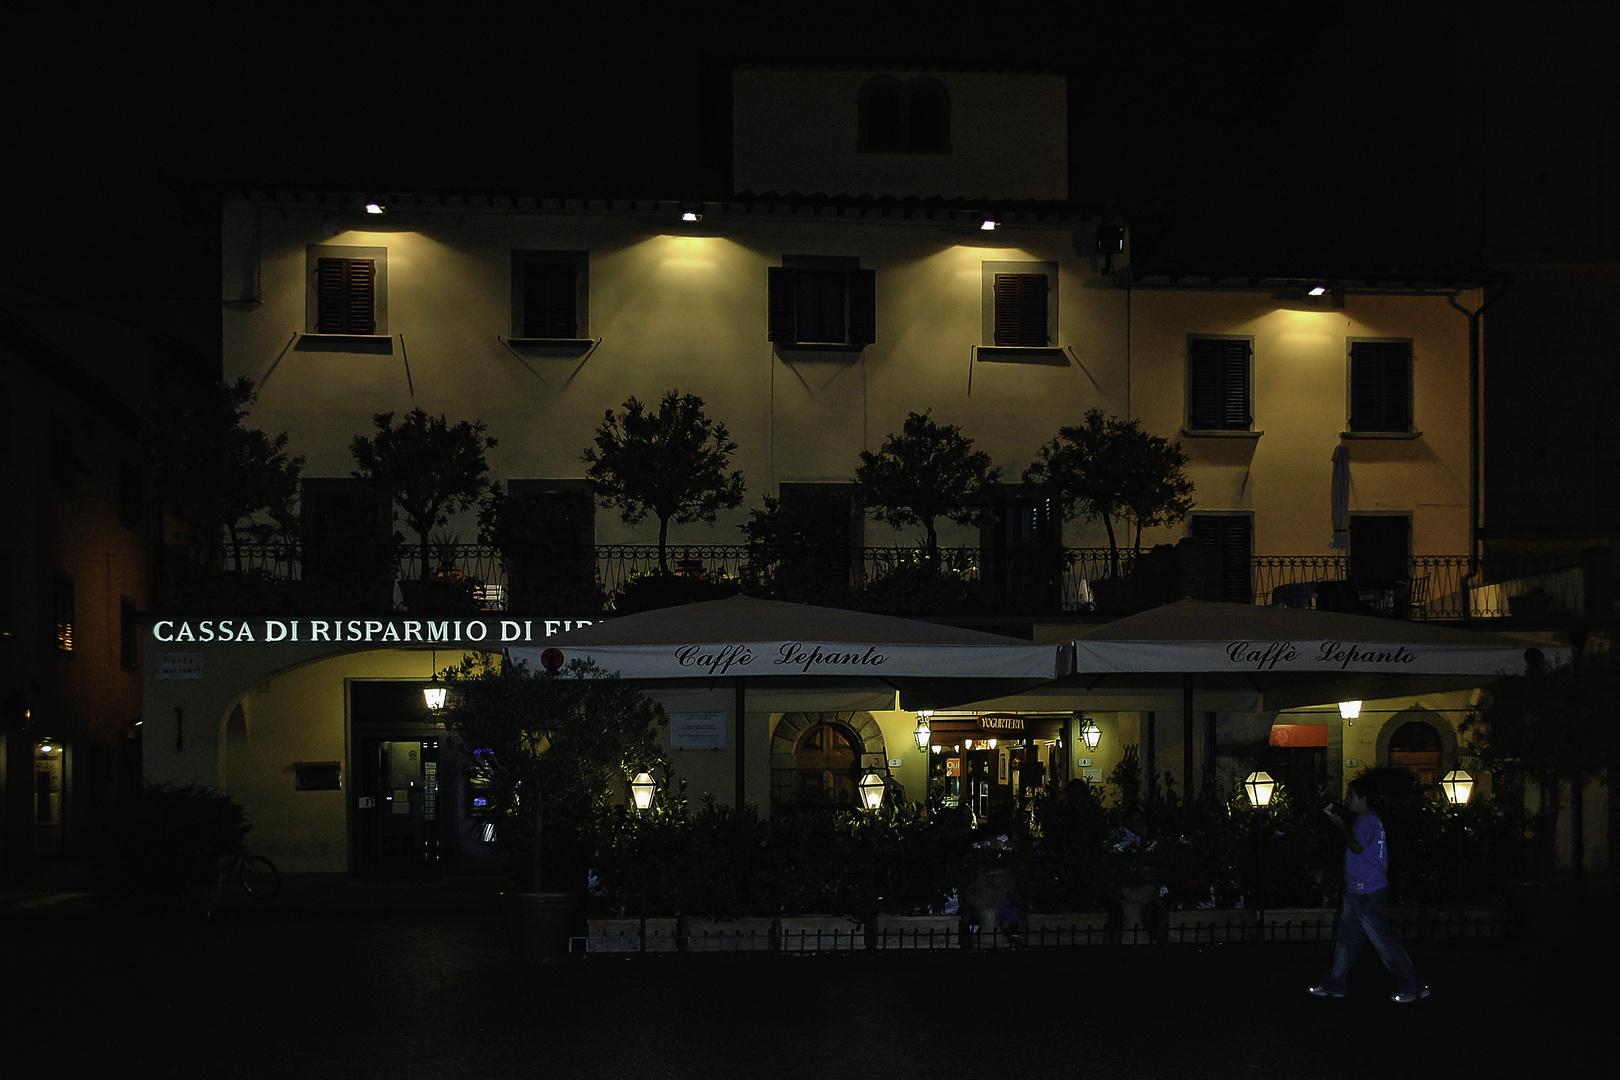 Caffé by night